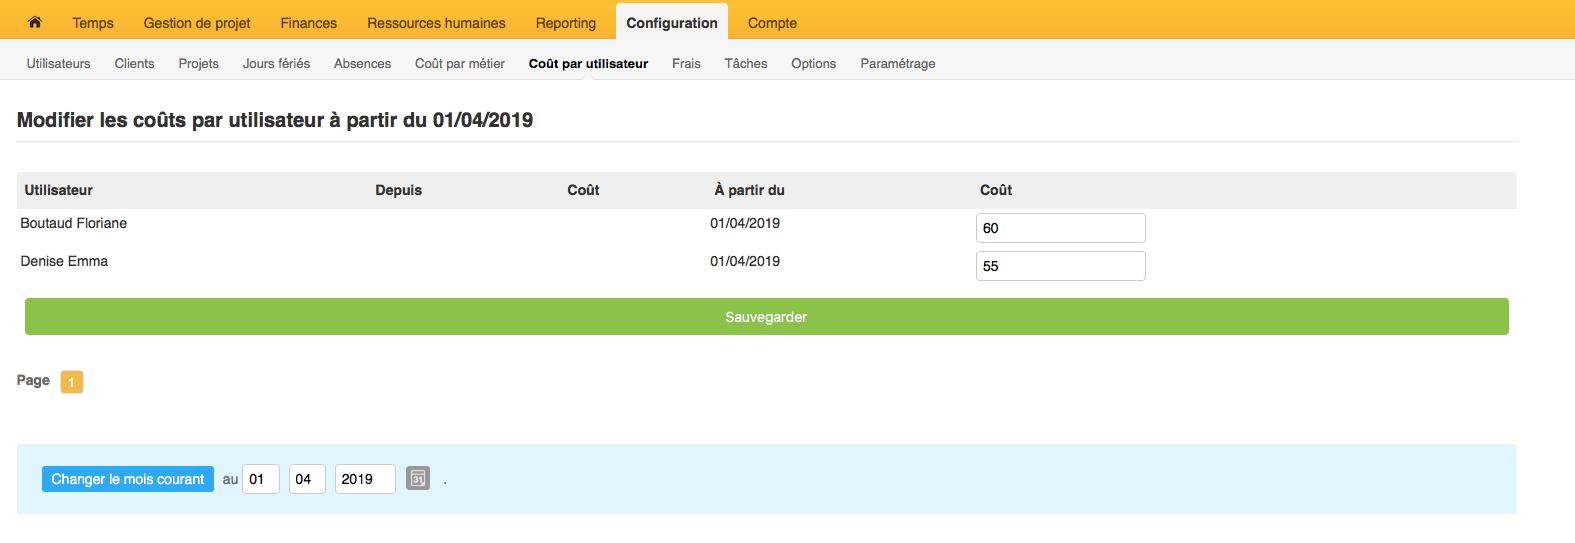 page montrant comment configurer le montant du coût par utlisateur